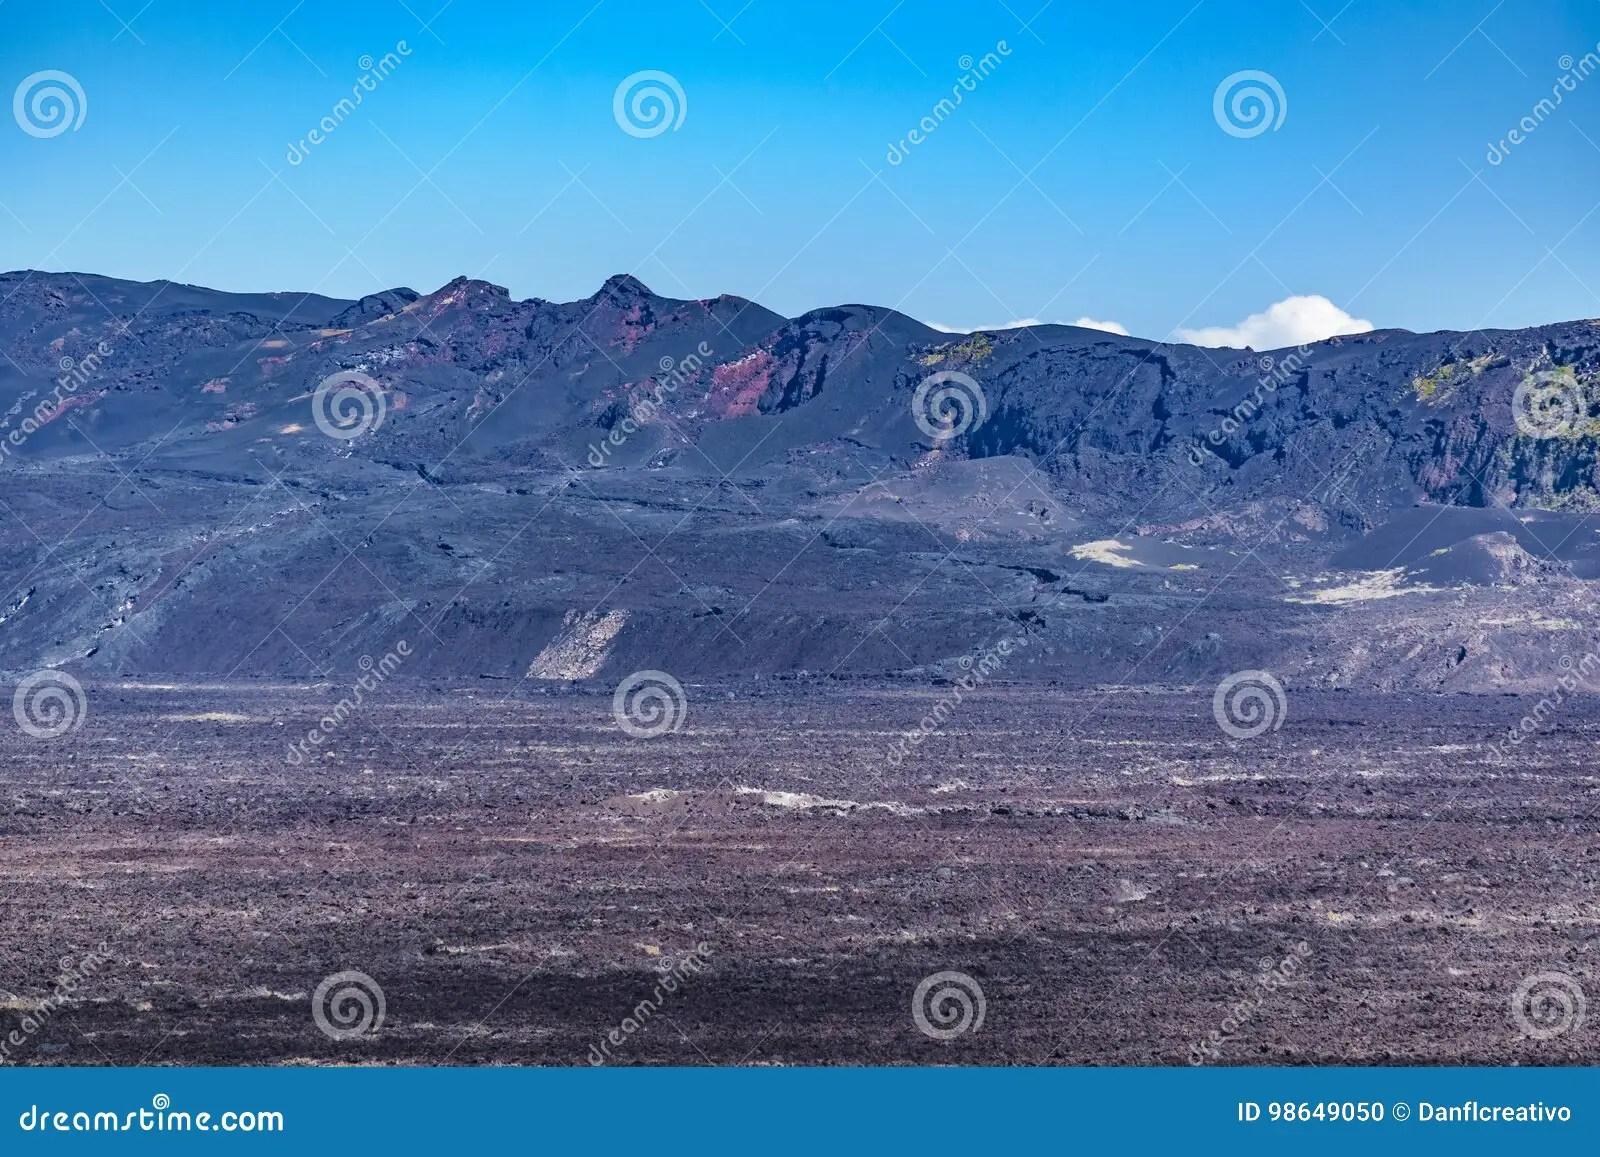 hight resolution of escena a rea del paisaje de la sierra volc n del negra el segundo mayor volc n en la tierra situada en la isla de isabela las islas gal pagos ecuador